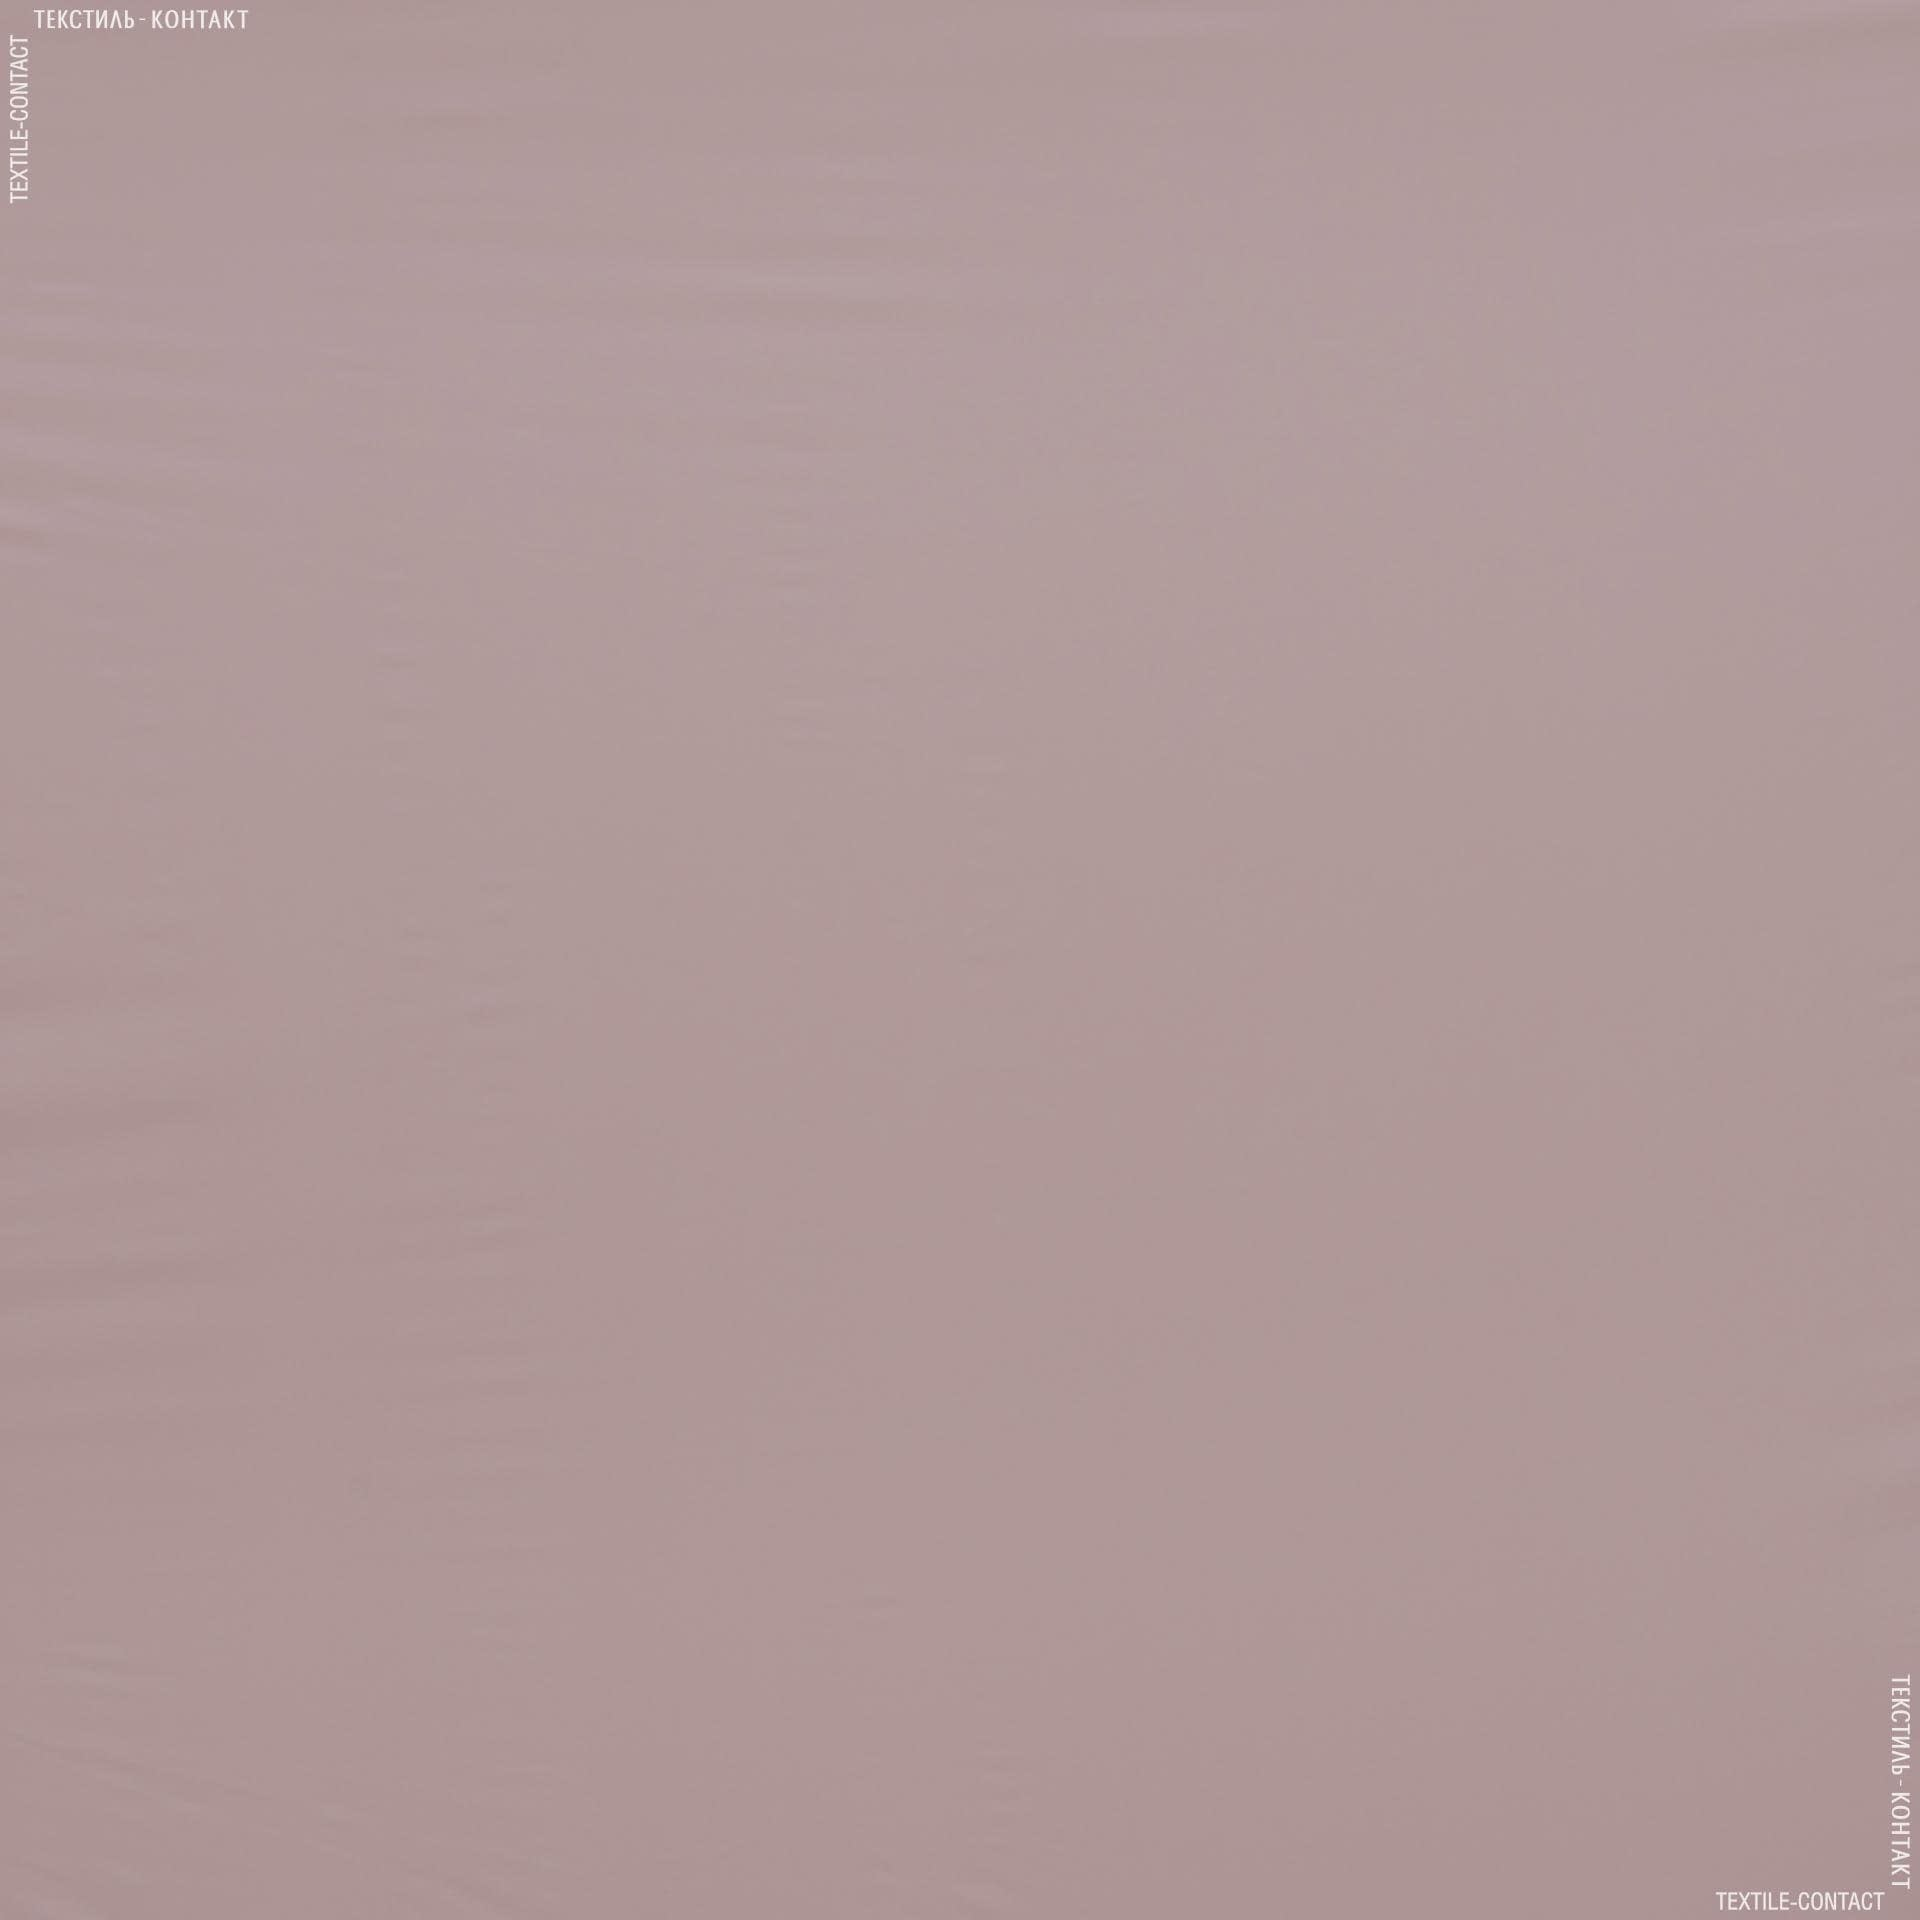 Тканини для наметів - Плащова  лаке нейлон  фрезовий